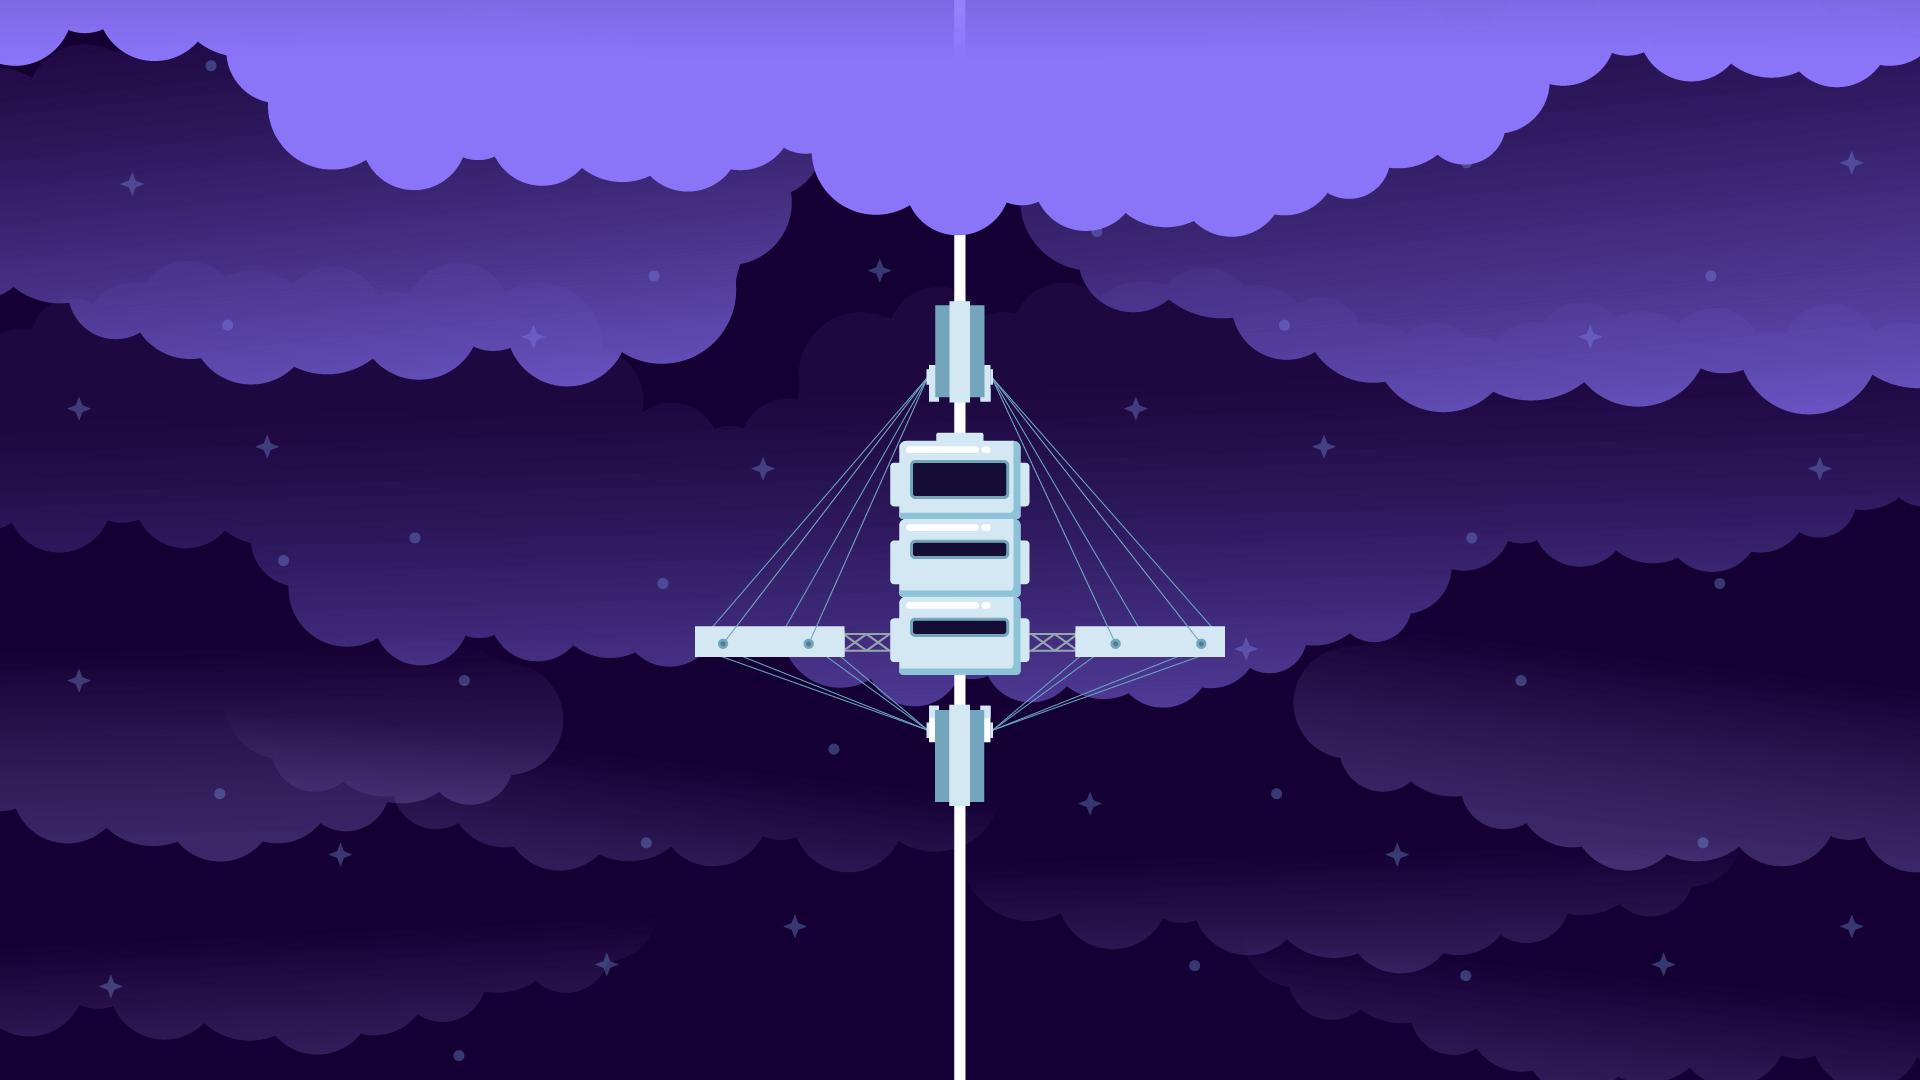 030_Website Project SpaceElevator_Kurzgesagt Header